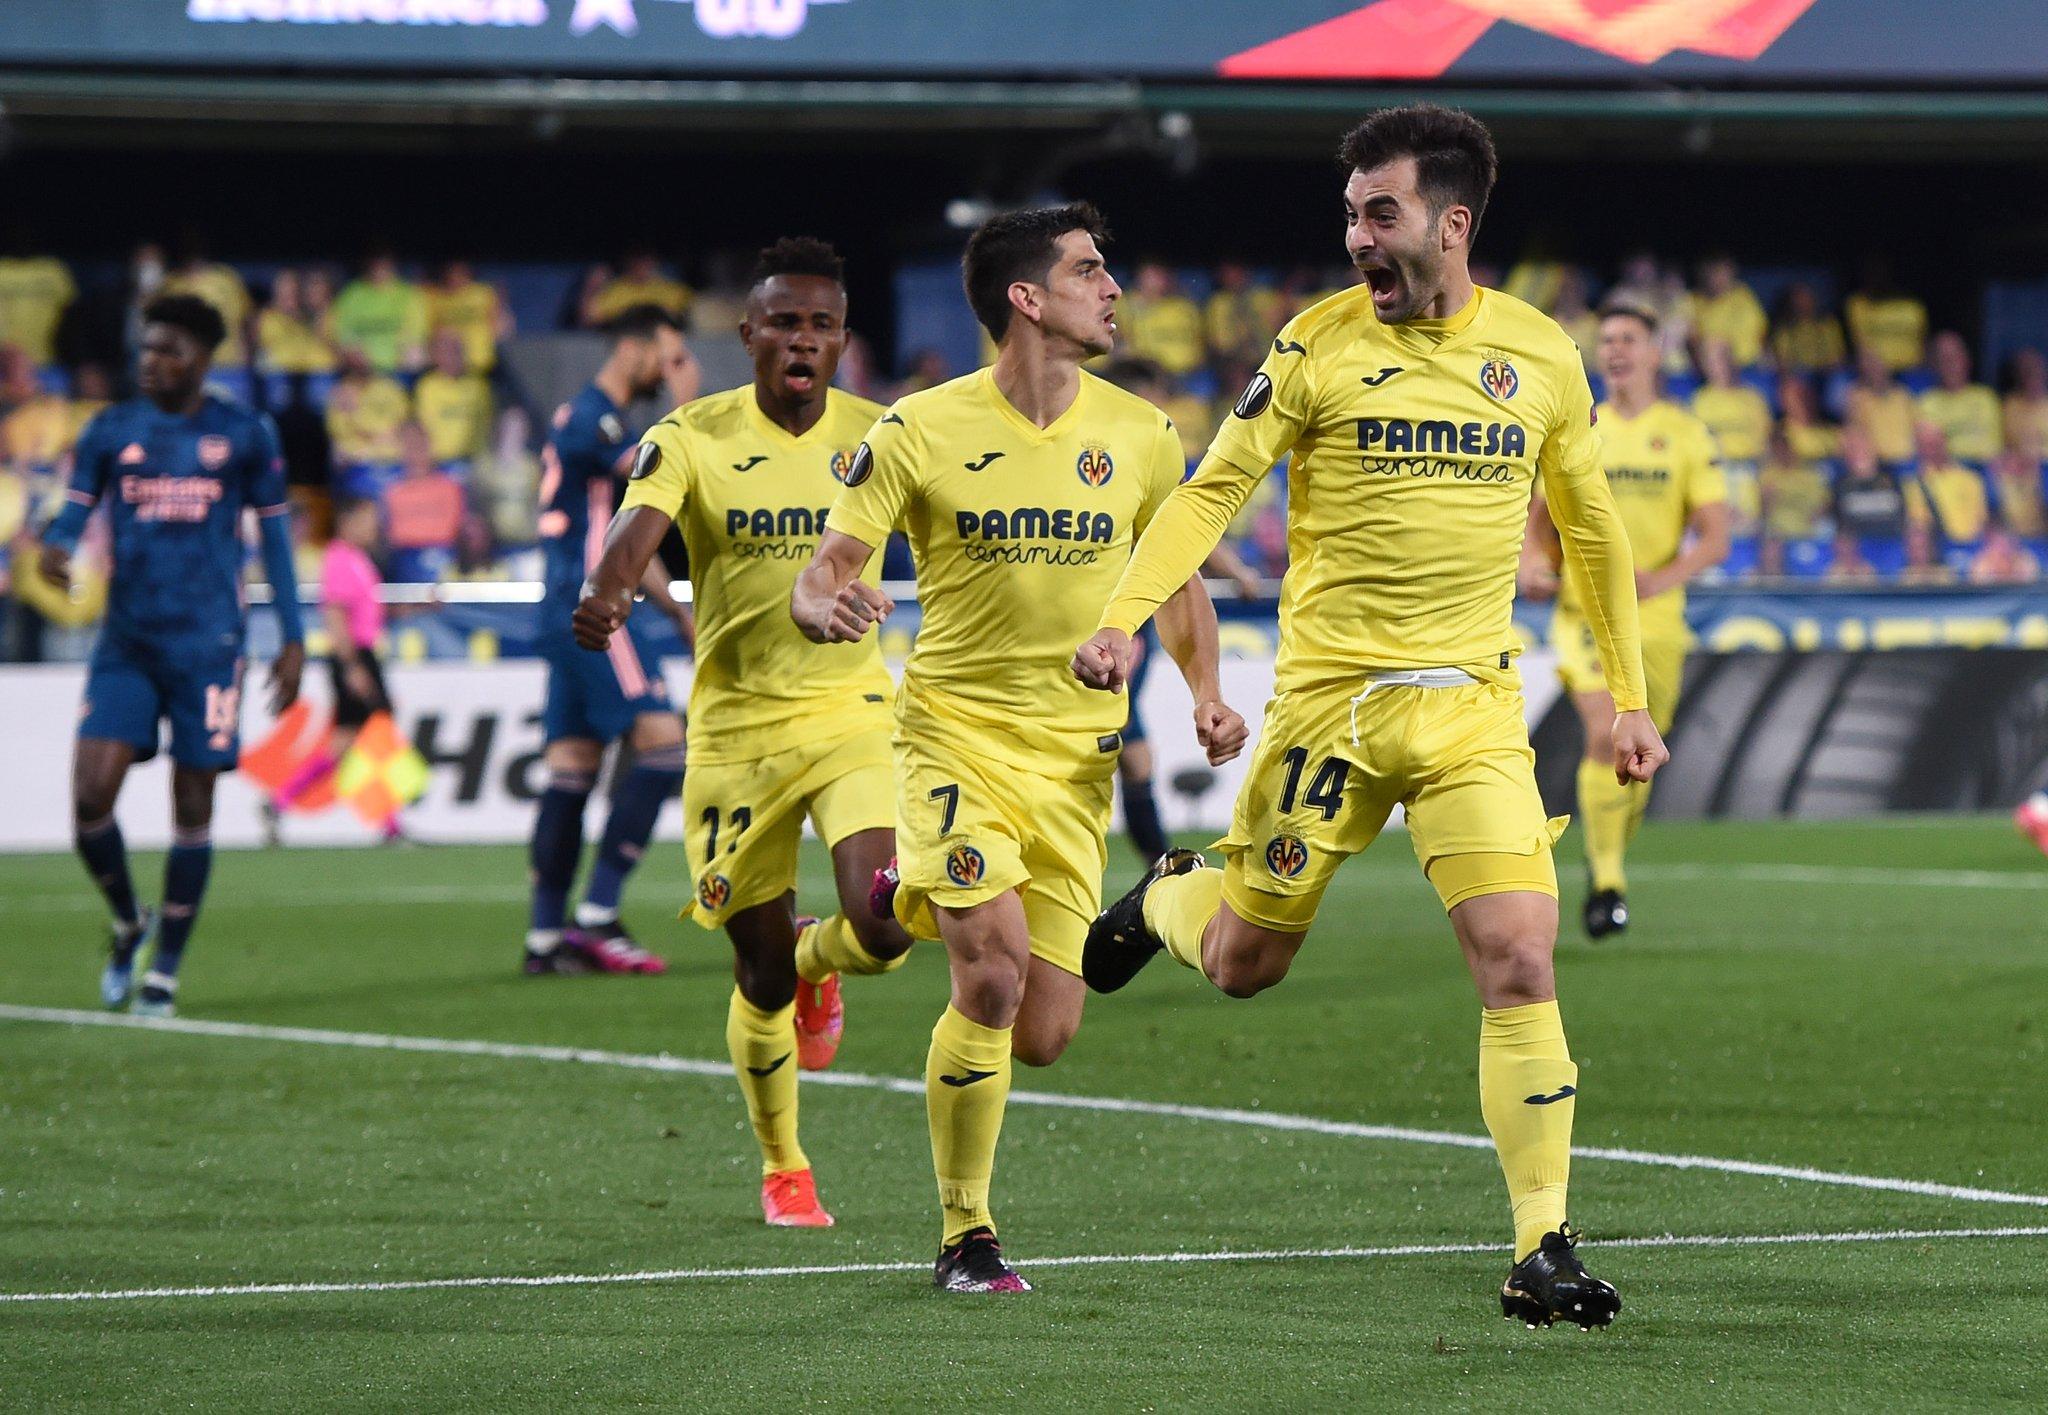 Soi kèo, tỷ lệ cược Arsenal vs Villarreal: Pháo thủ dừng bước? - Ảnh 1.